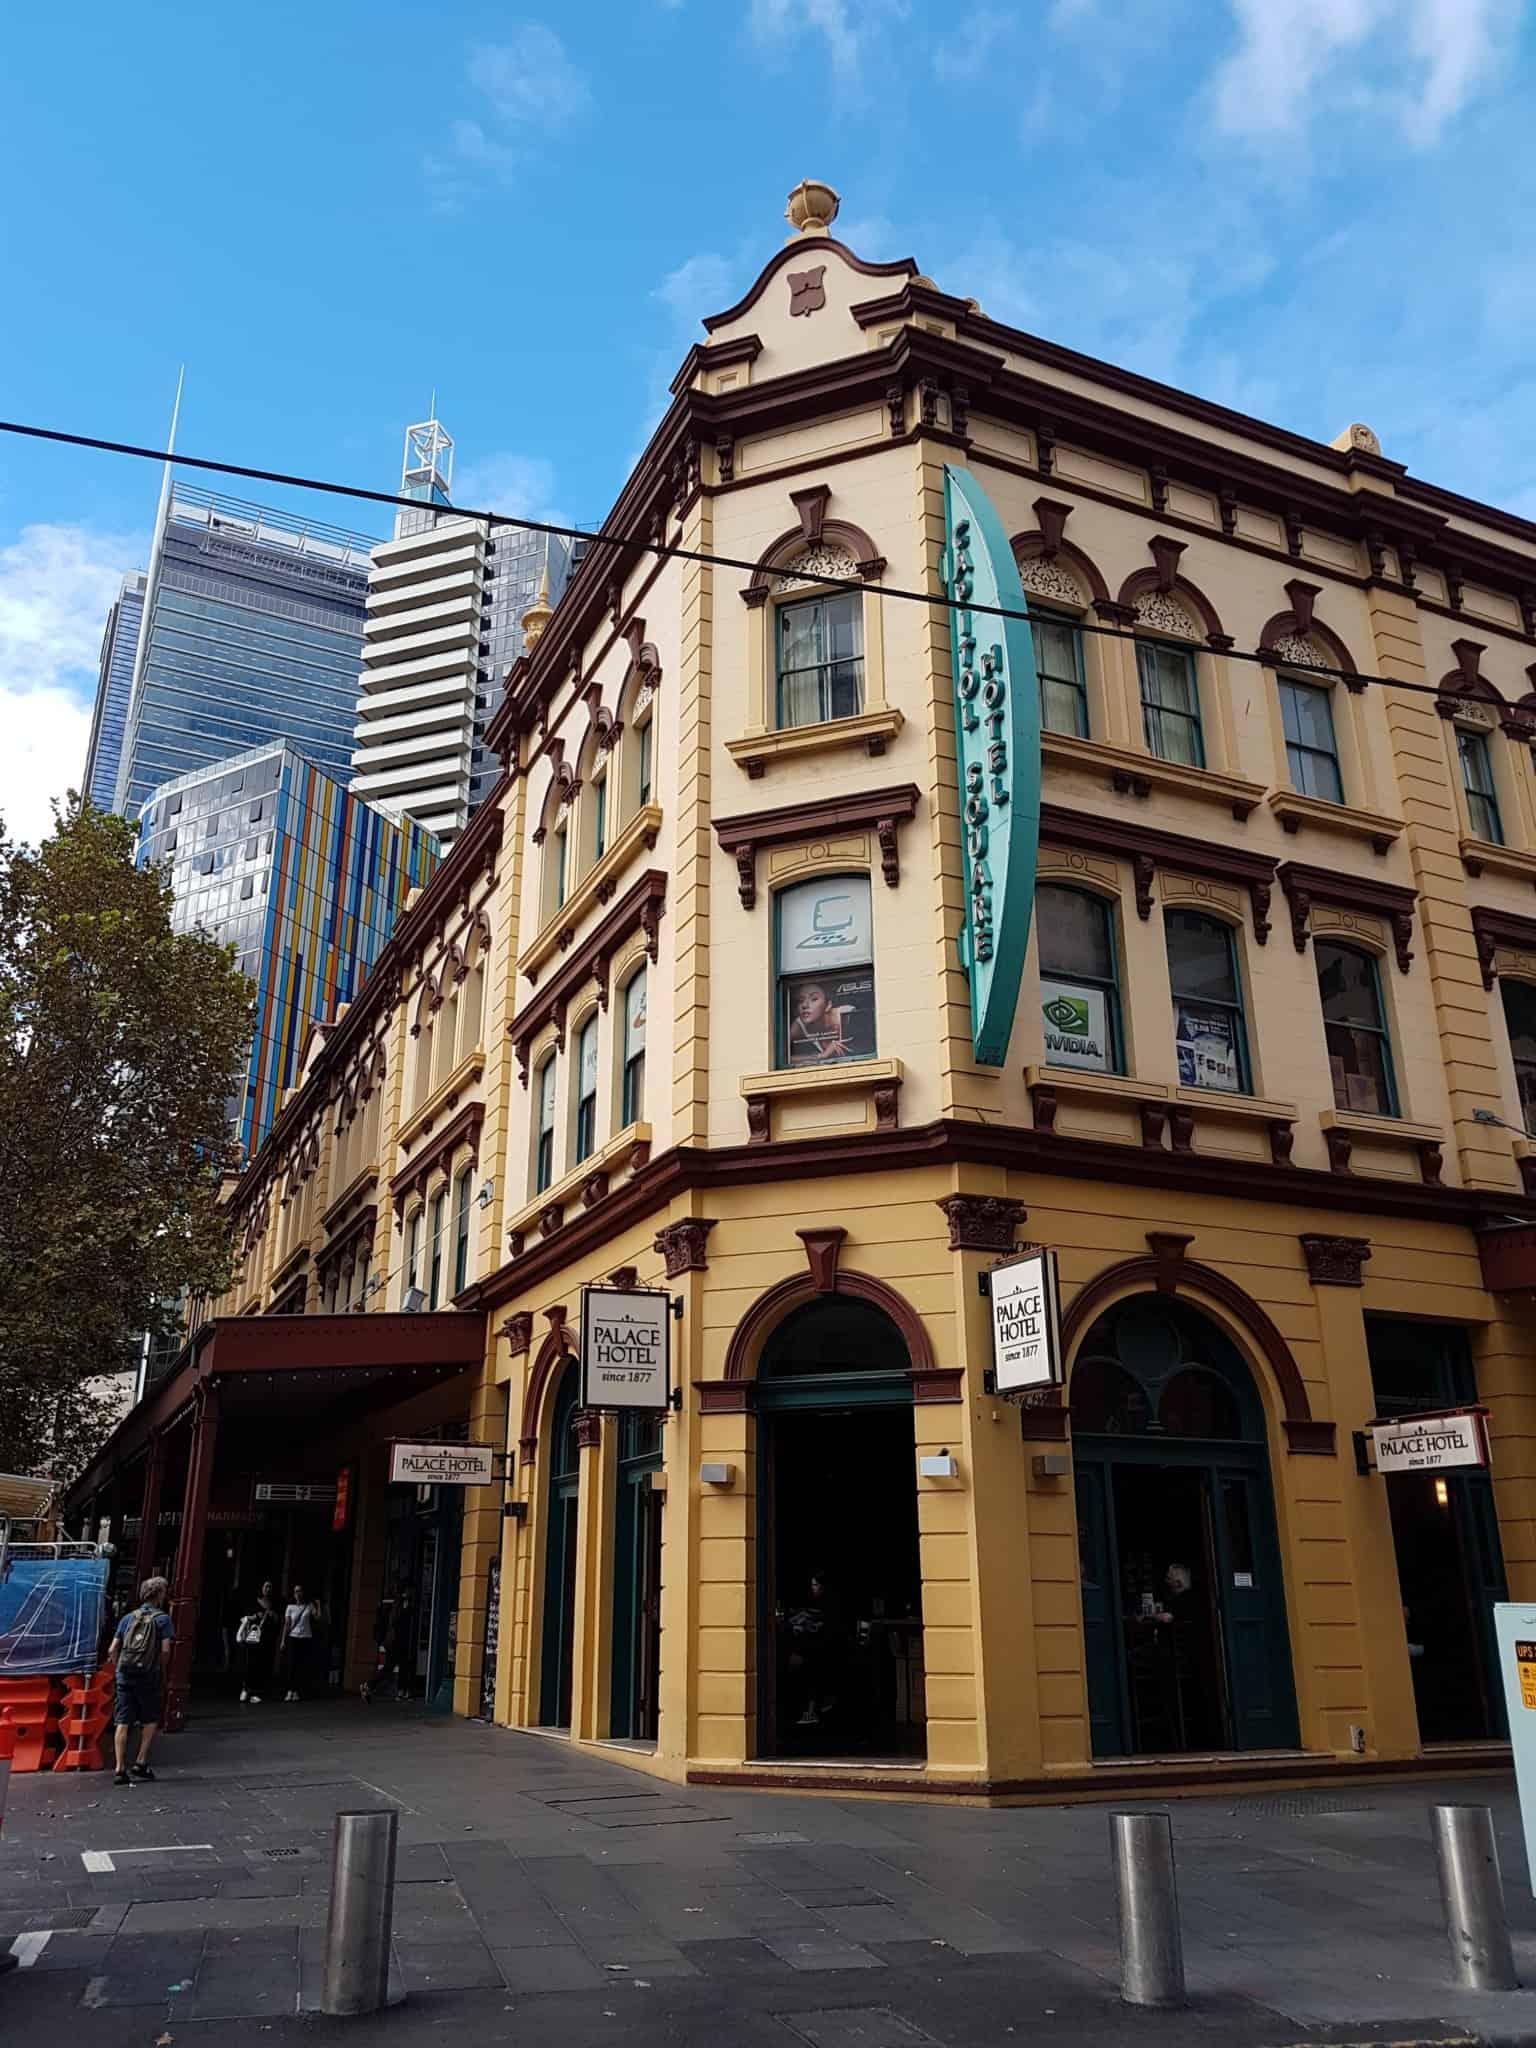 Australie, premier jour de découverte de Sydney 😊 9